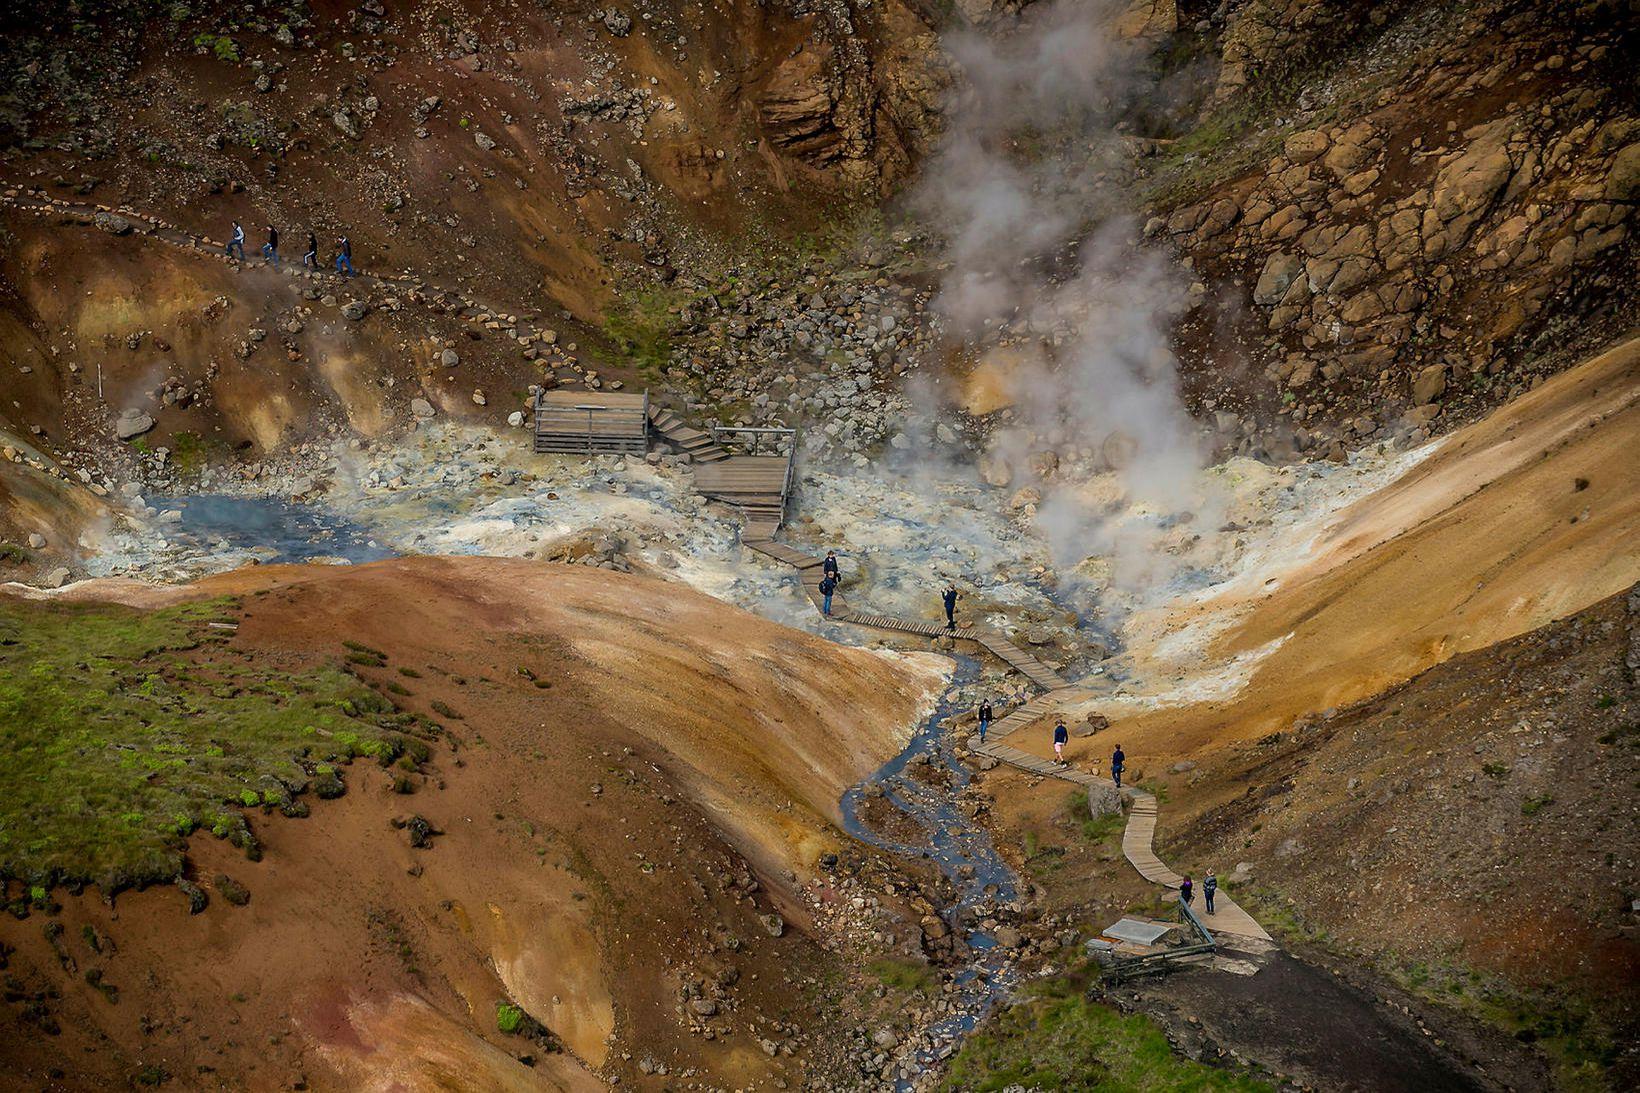 Upptök stóra skjálftans voru í Núpshlíðarhálsi, 5 km vestur af …